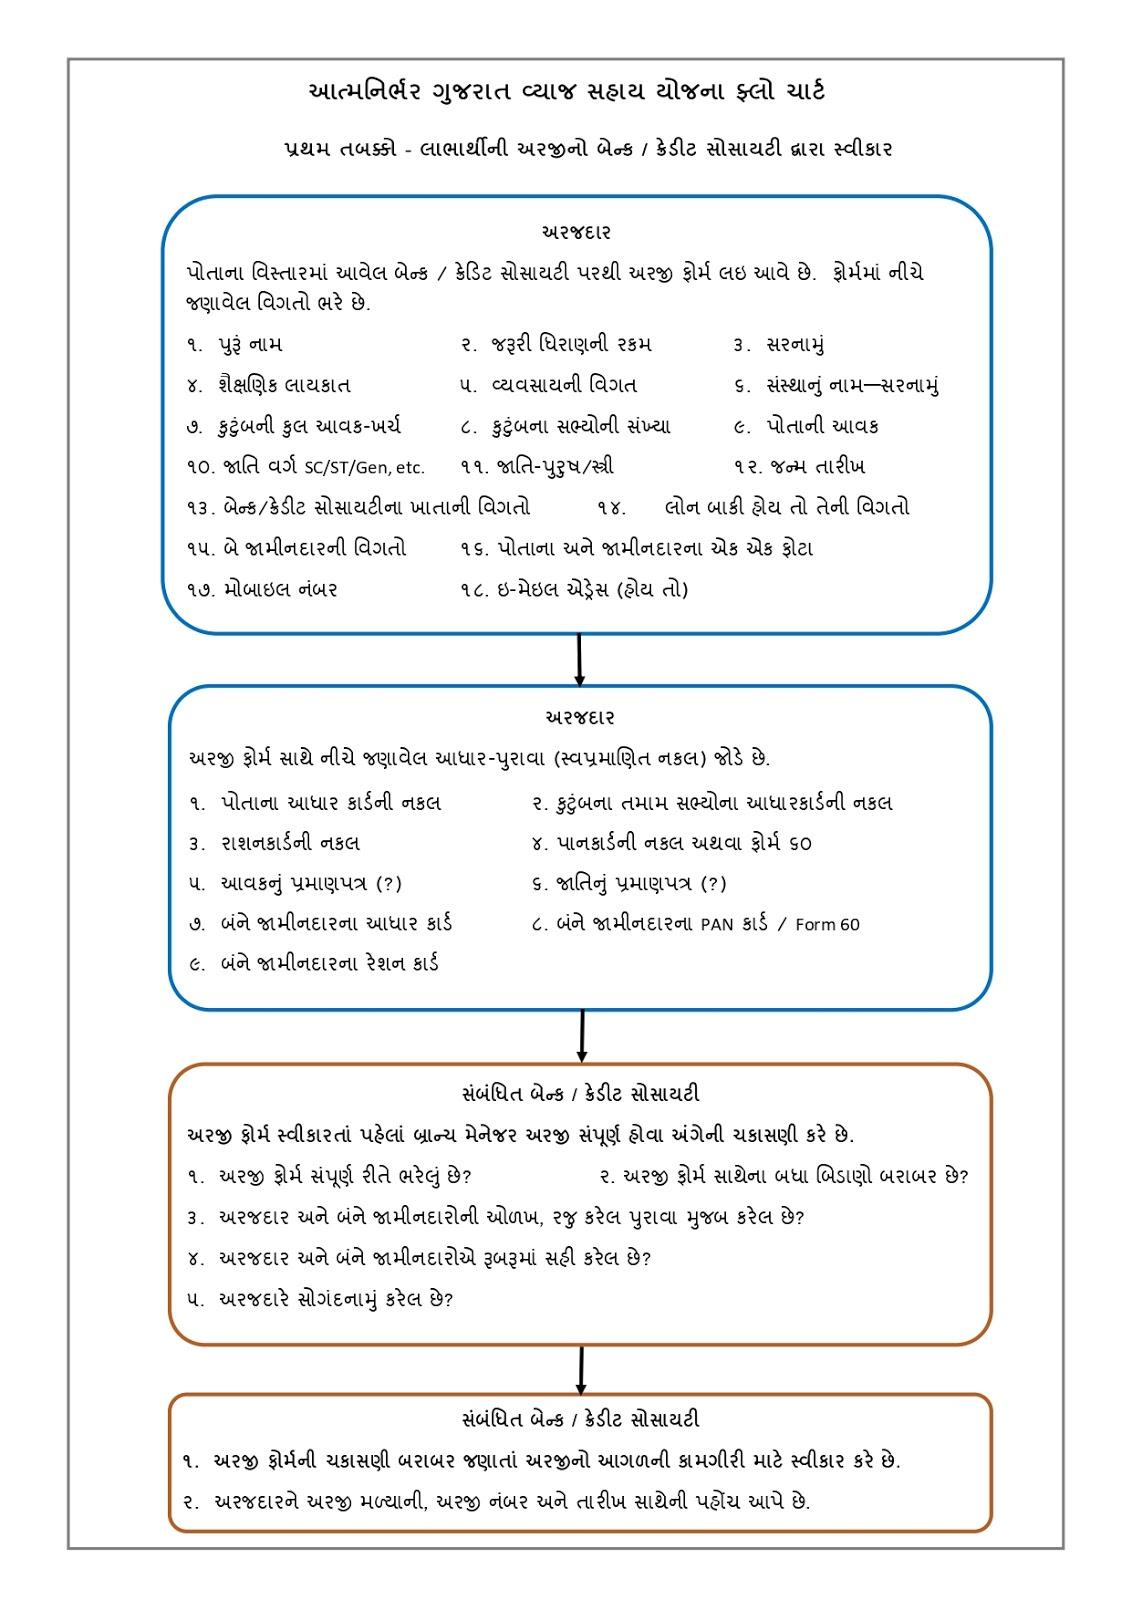 Aatmanirbhar Gujarat Sahay Yojana